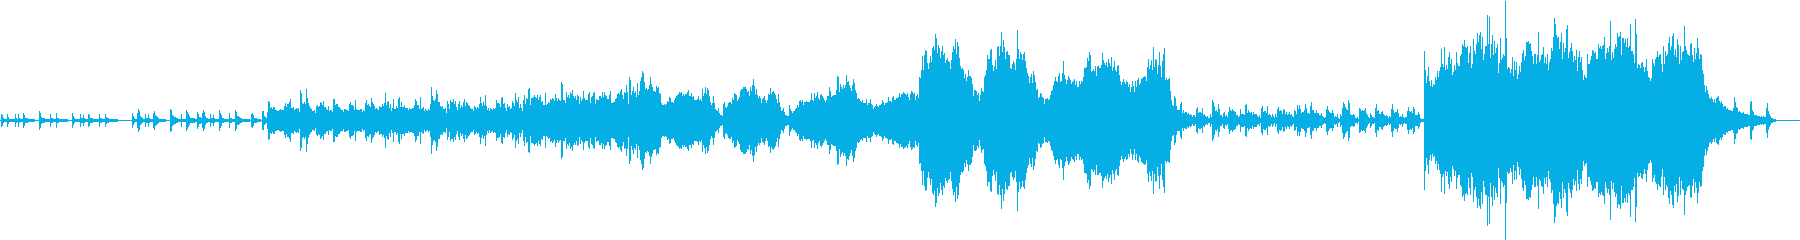 壮大なオーケストラのアンダースコア...の再生済みの波形